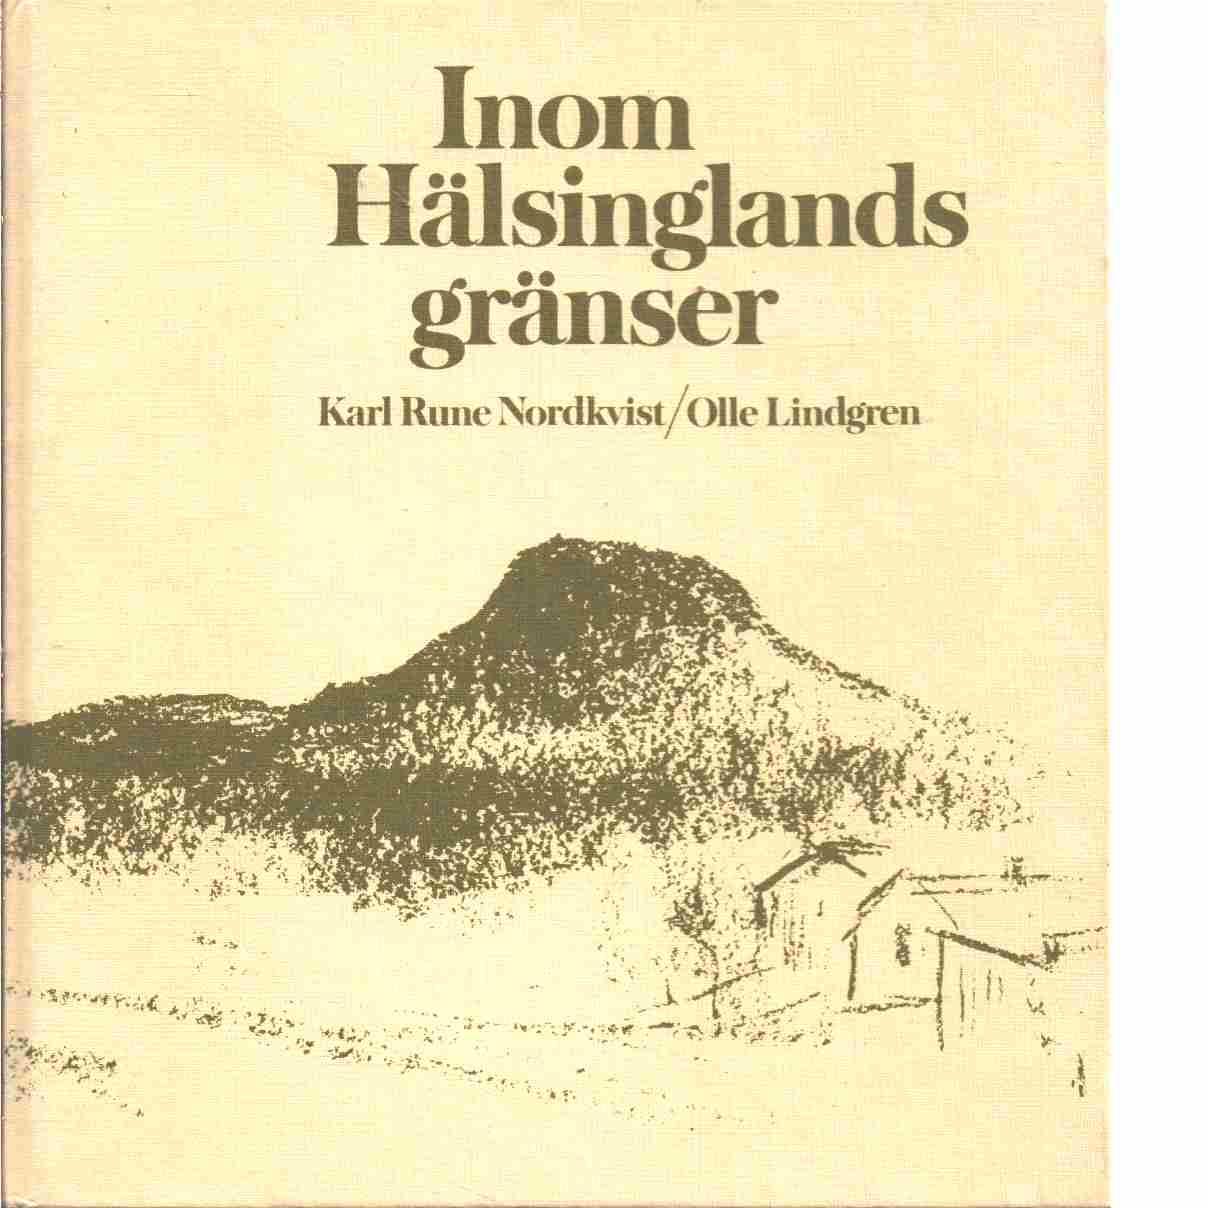 Inom Hälsinglands gränser - Nordkvist, Karl Rune/Lindgren, Olle